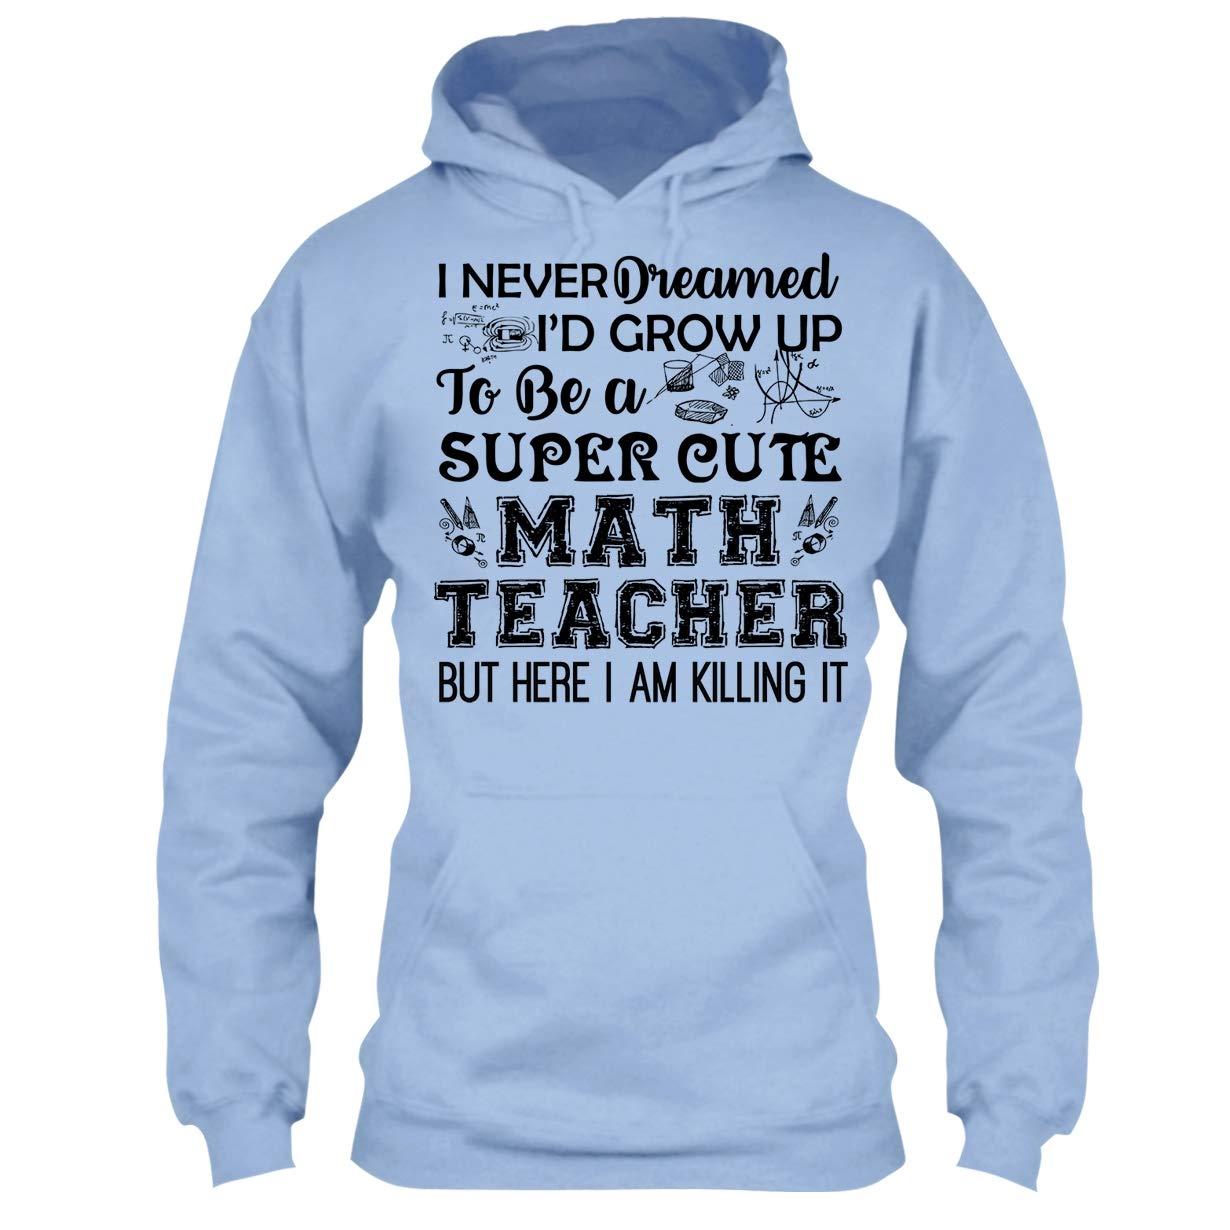 Amazon.com: Arered Math Teacher Cool Tshirt - Super Cute Math ...